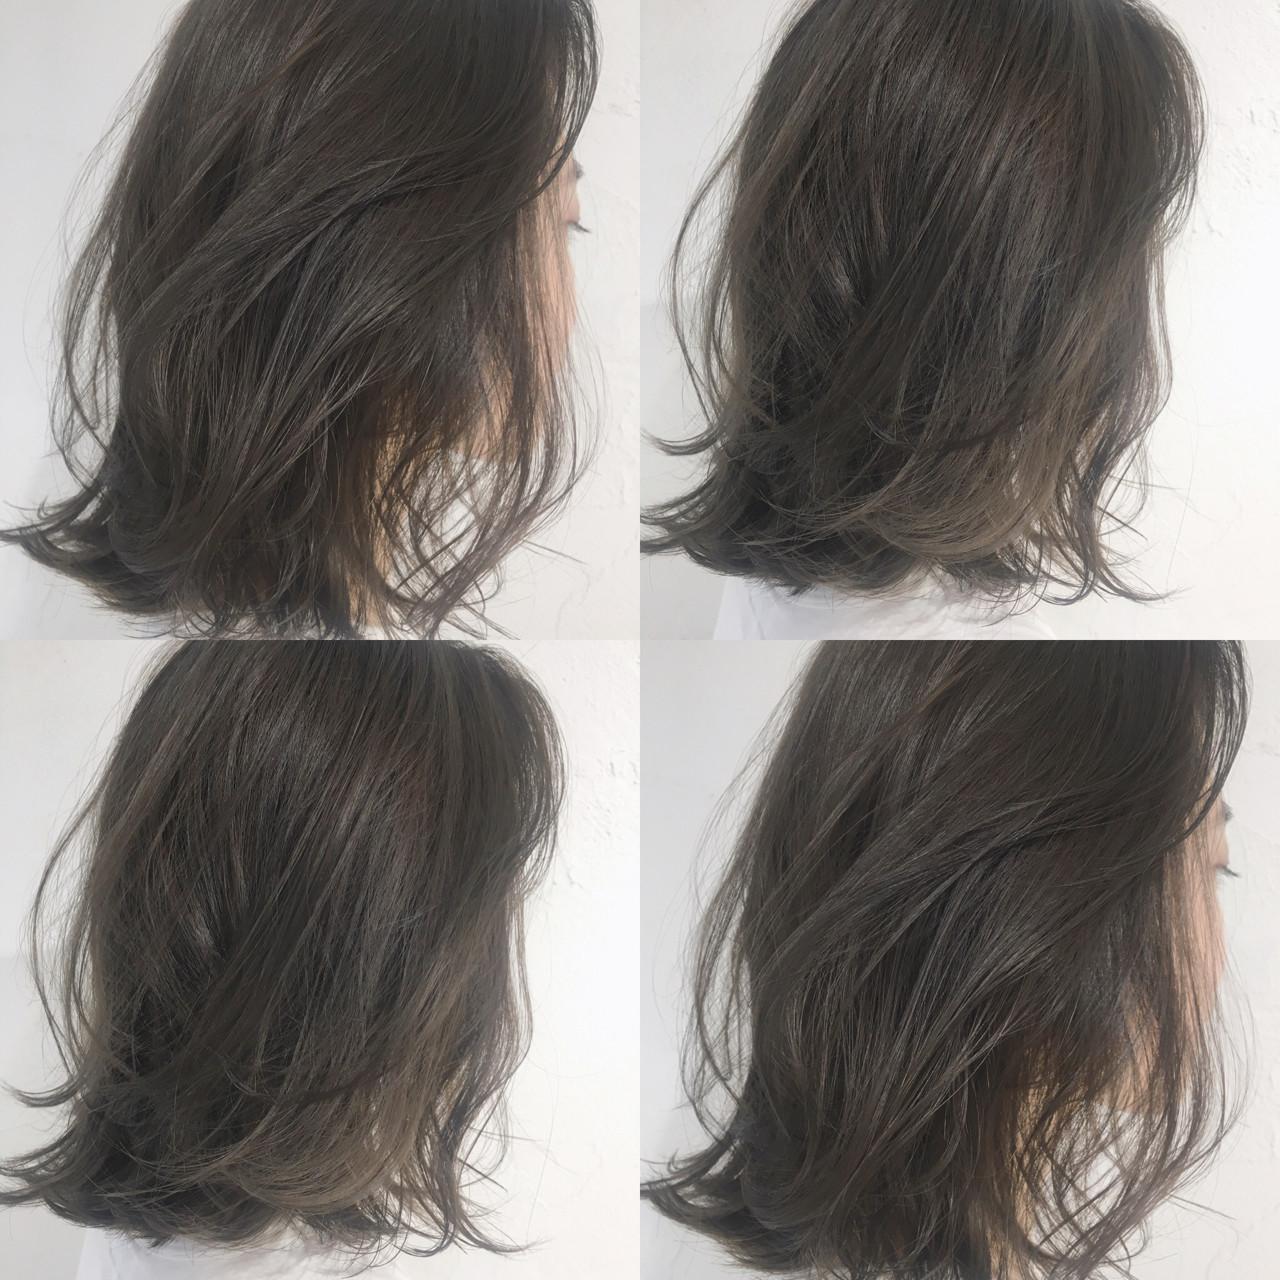 アンニュイ グレージュ ブリーチなし ストリート ヘアスタイルや髪型の写真・画像 | 中島 潮里 / whyte / whyte